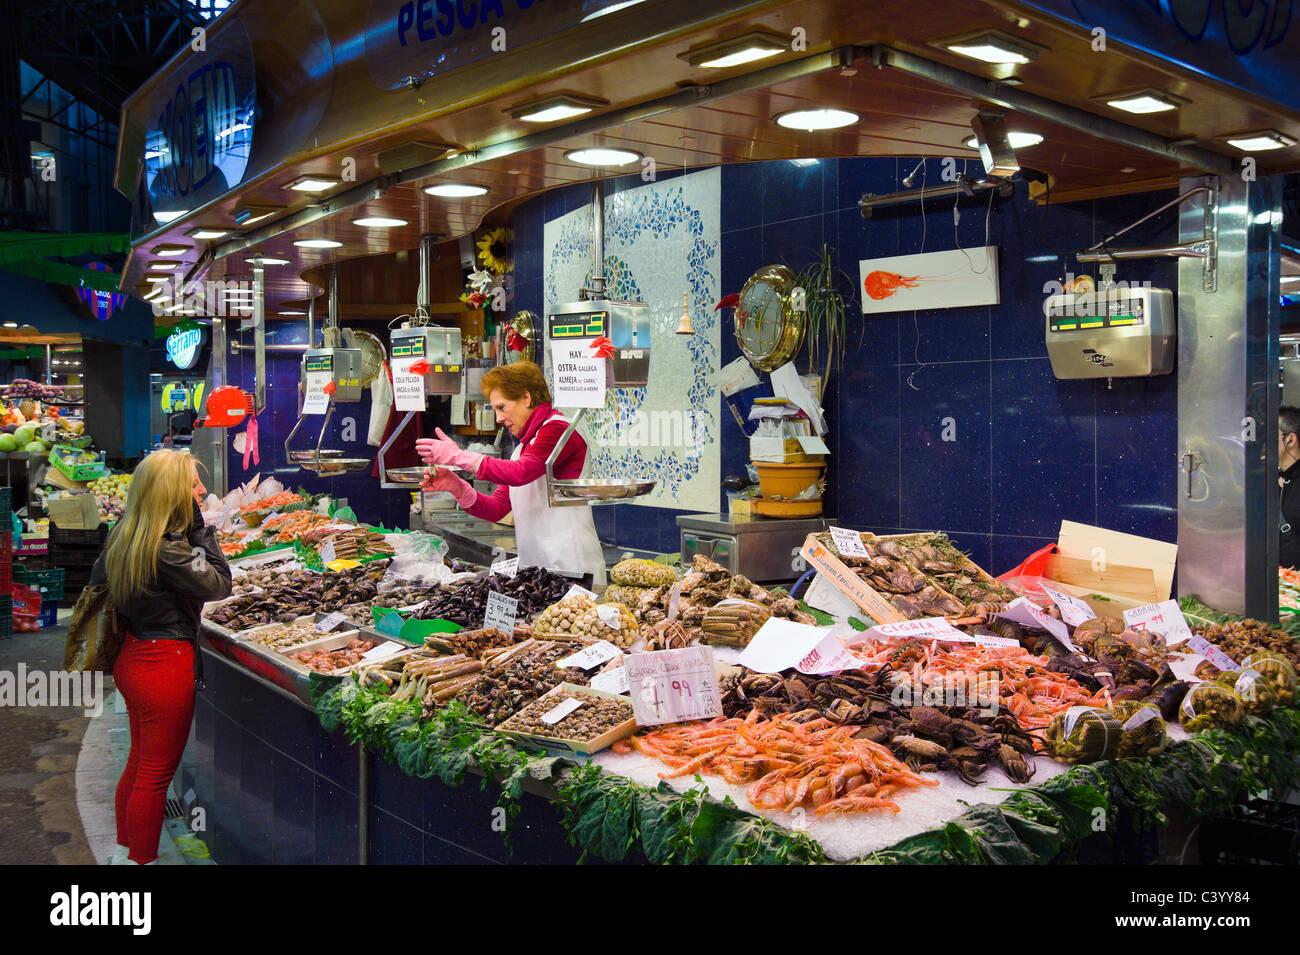 Barcelona Food Market Las Ramblas